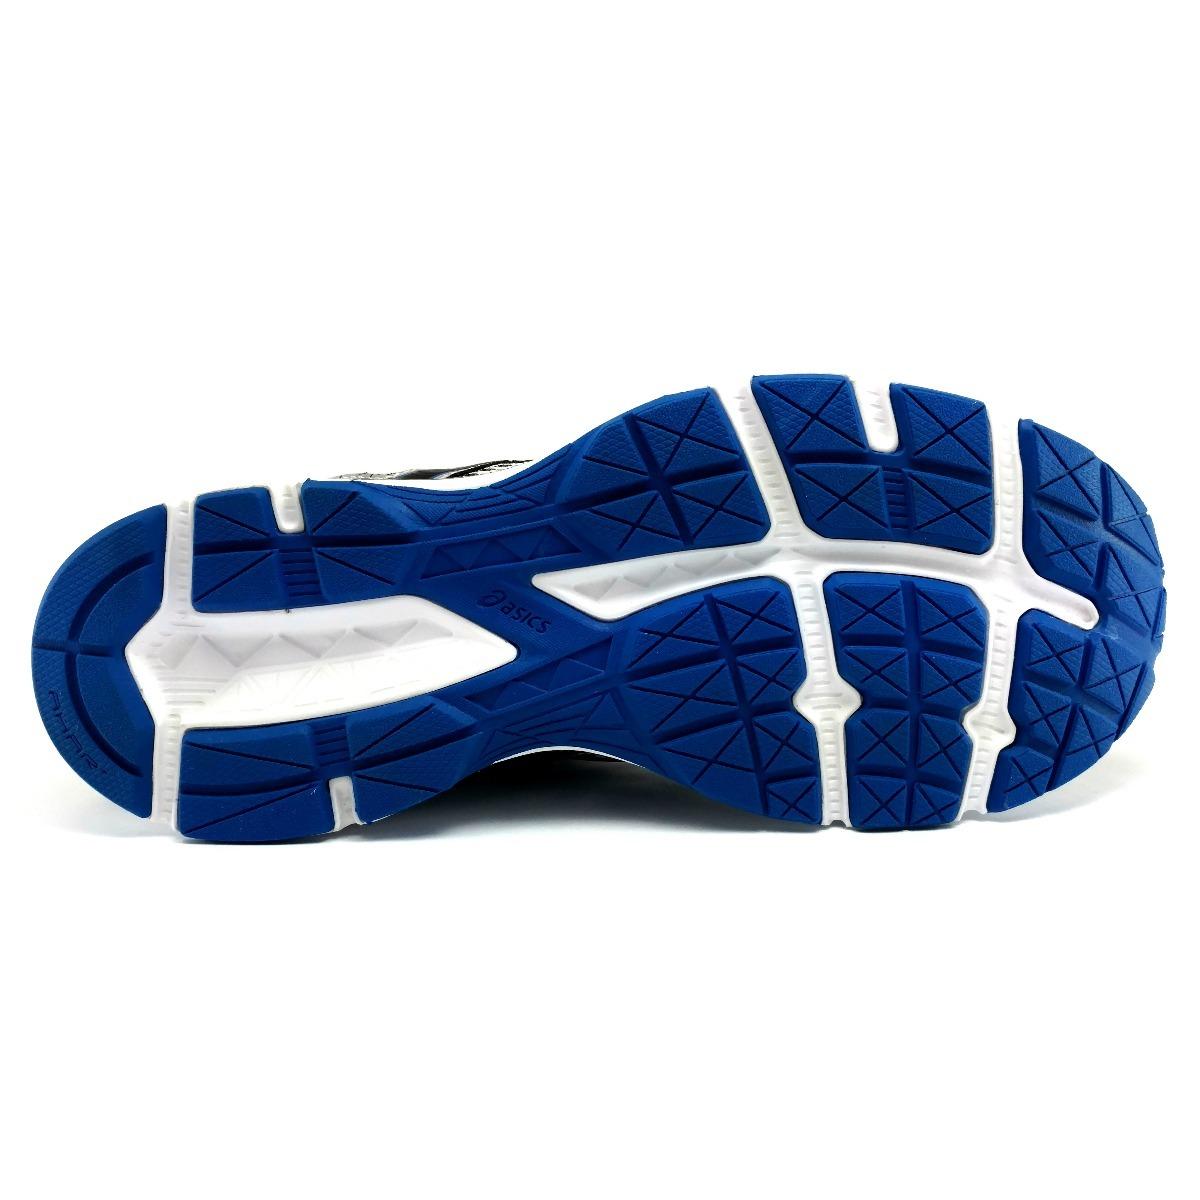 tenis asics gel excite 4 azul plata correr supinador. Cargando zoom. b631a705c2f6f